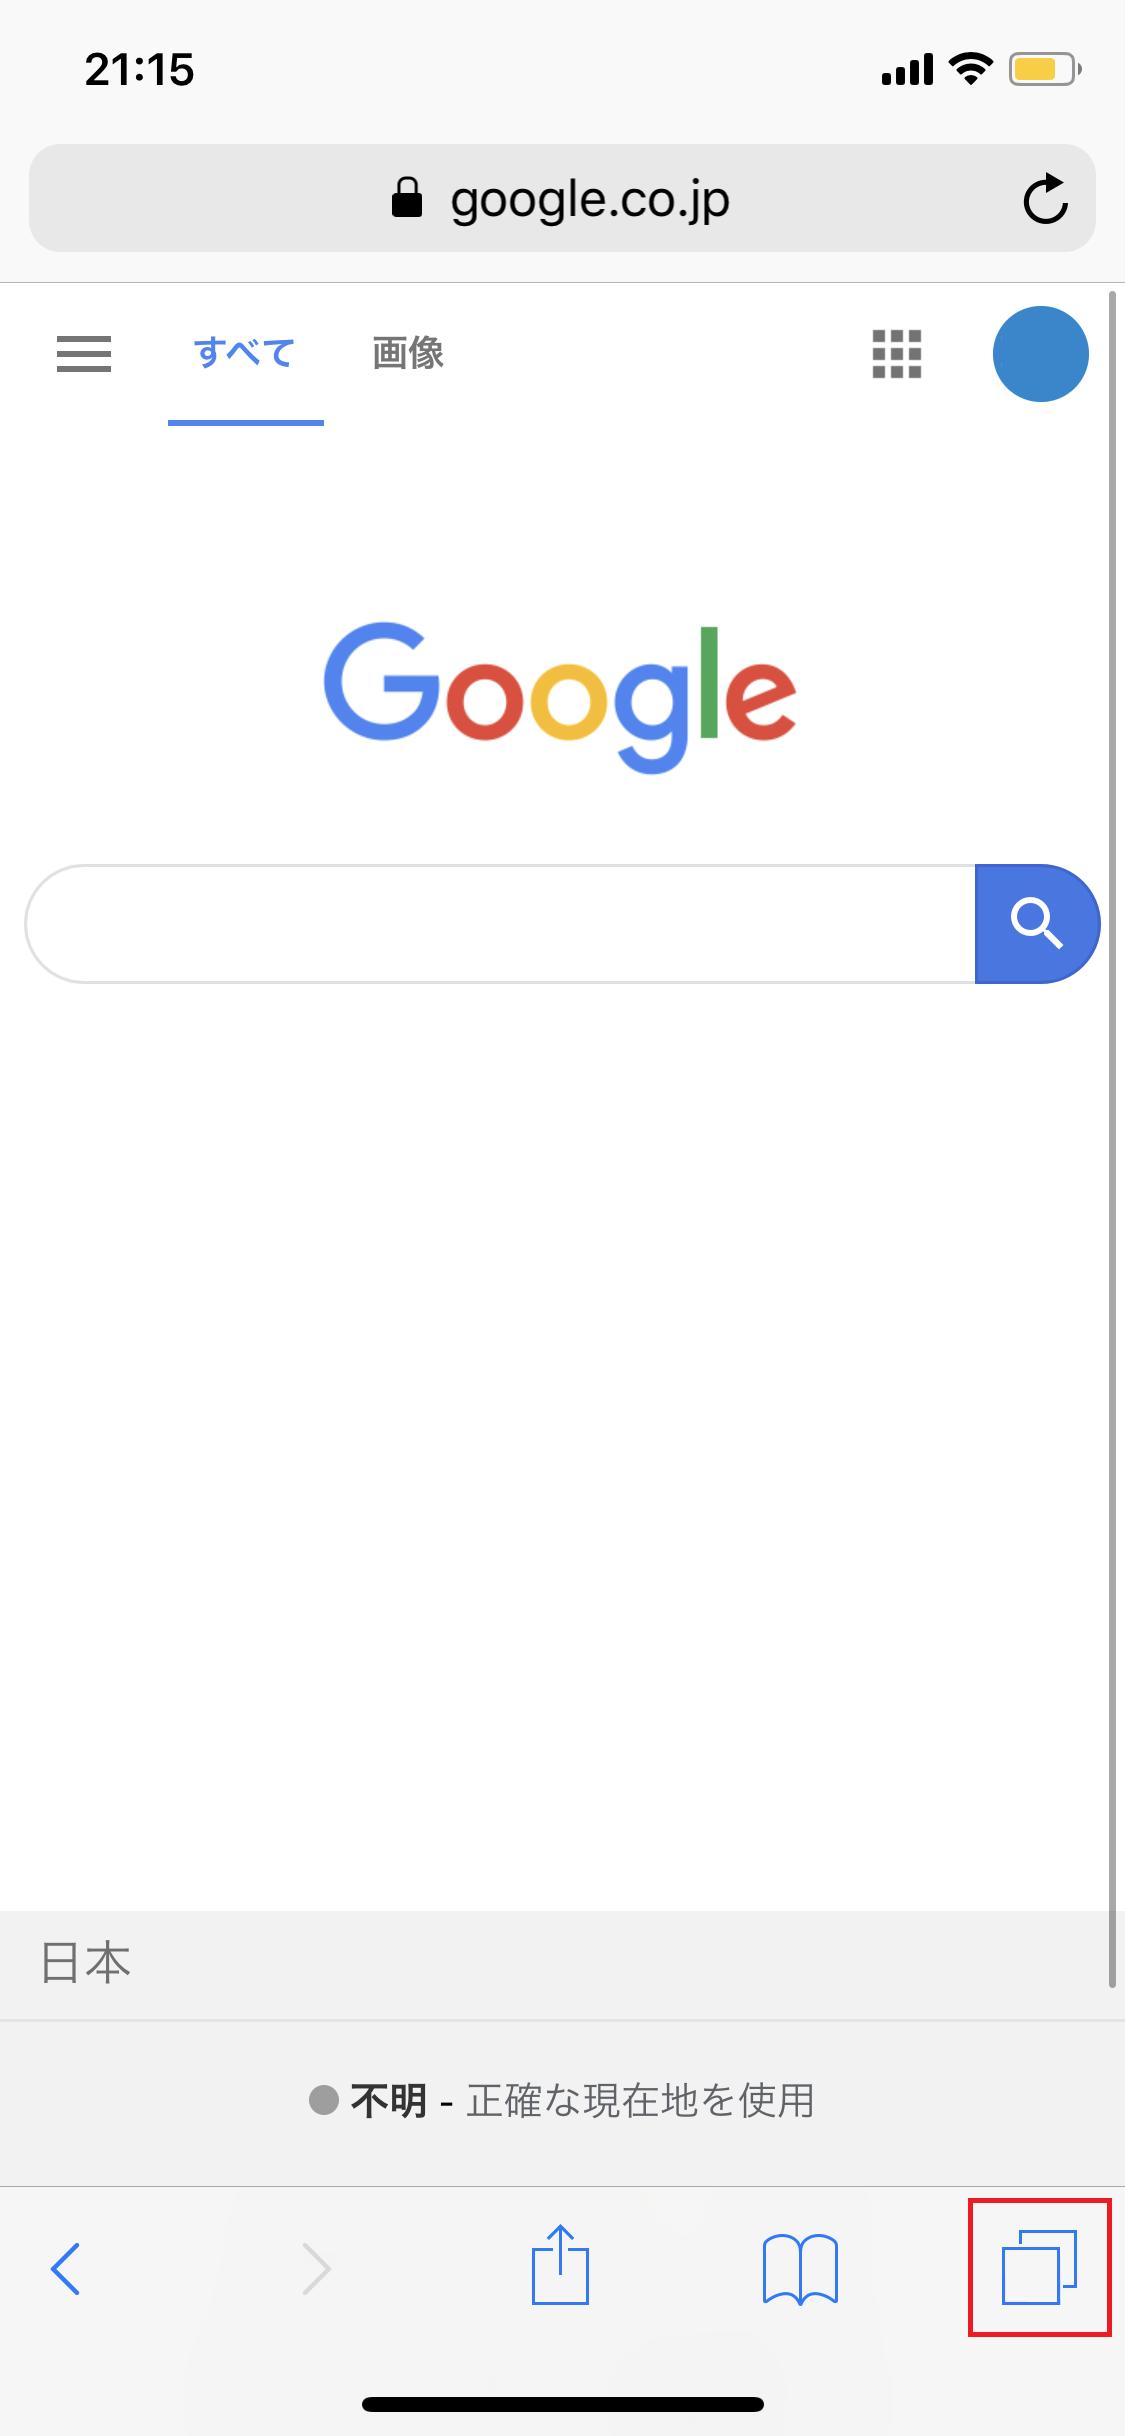 検索履歴の見方Safari(スマホ)の場合